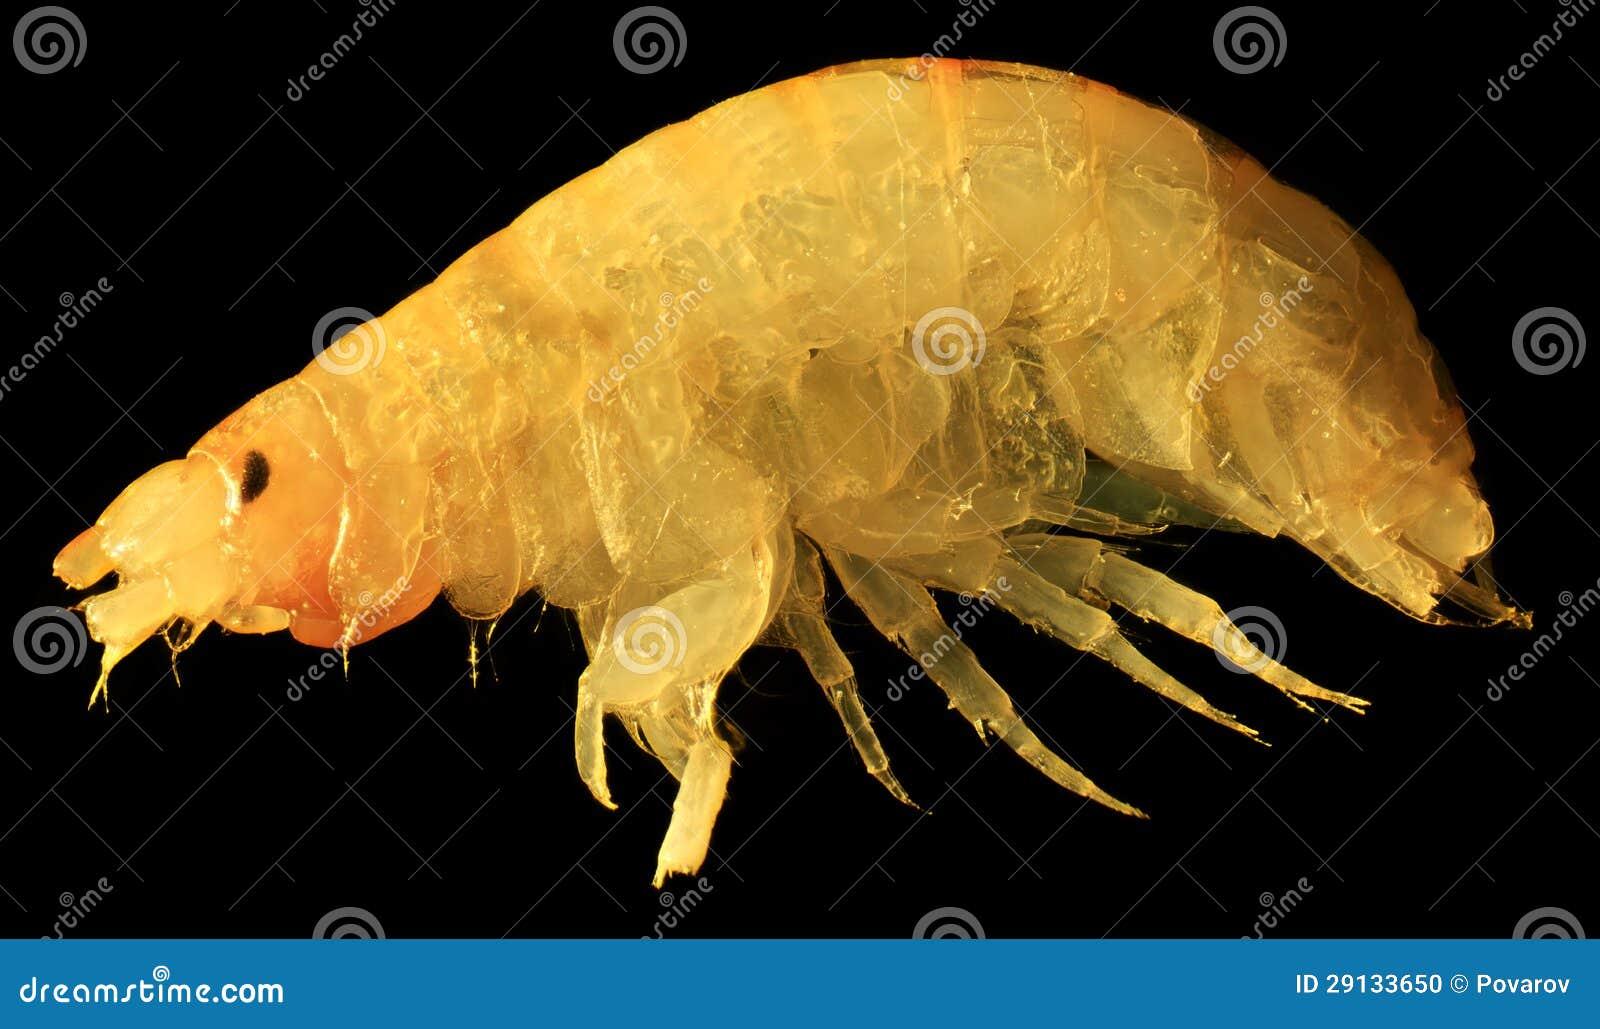 Gammarus unter dem mikroskop stockfoto bild von fauna infektion